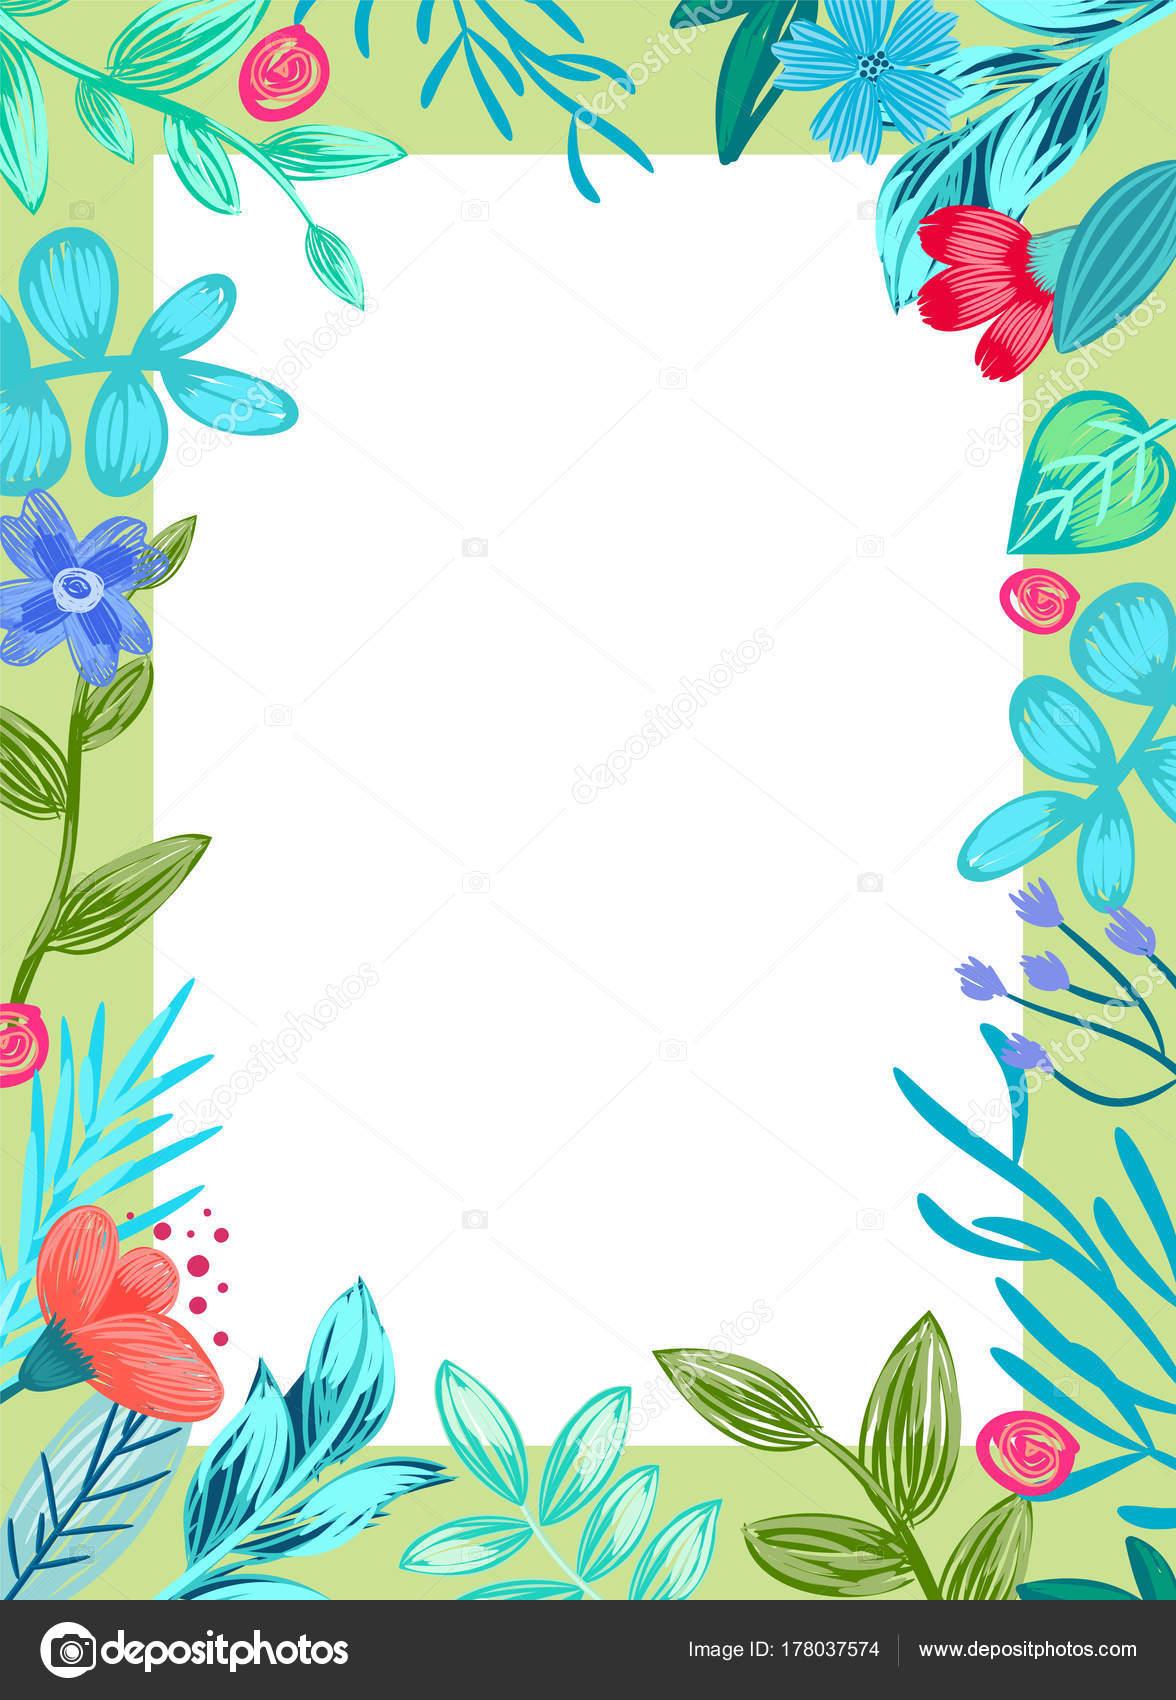 花と葉のベクター イラスト フレーム — ストックベクター © robuart